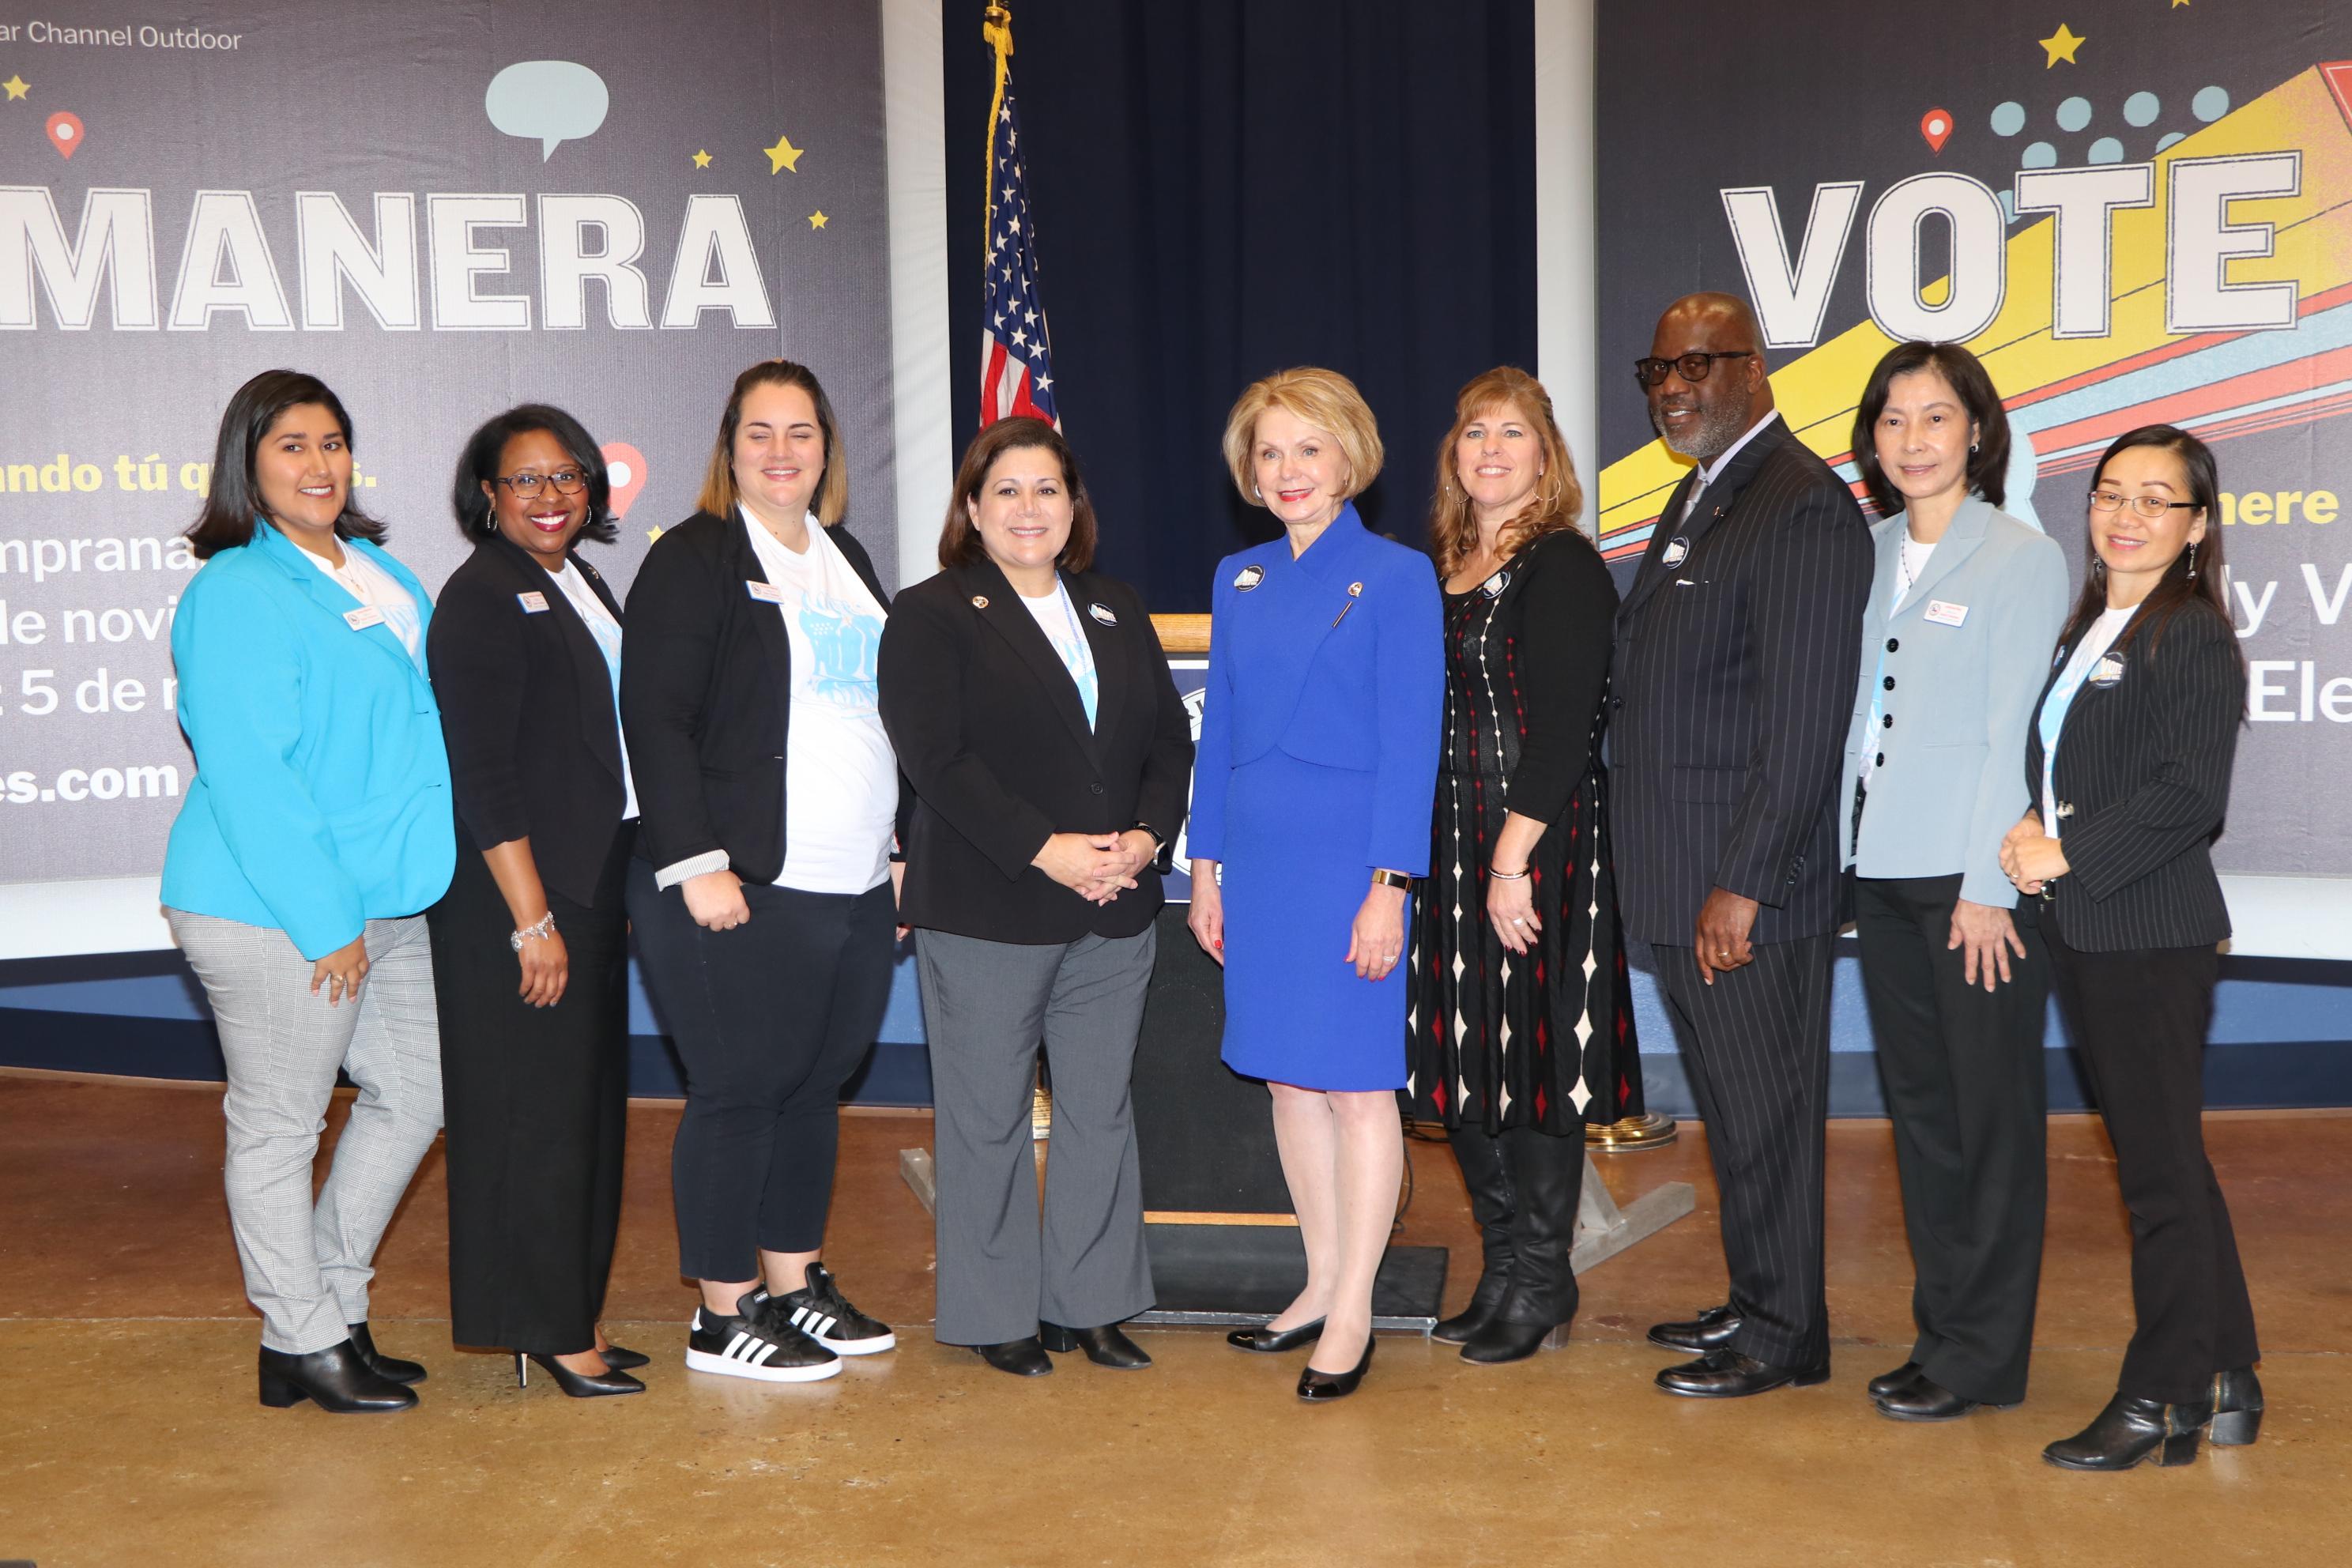 哈瑞斯縣書記官Dr. Diane Trautman(右五)率官員向外界說明今年的選舉新政。(記者封昌明/攝影)